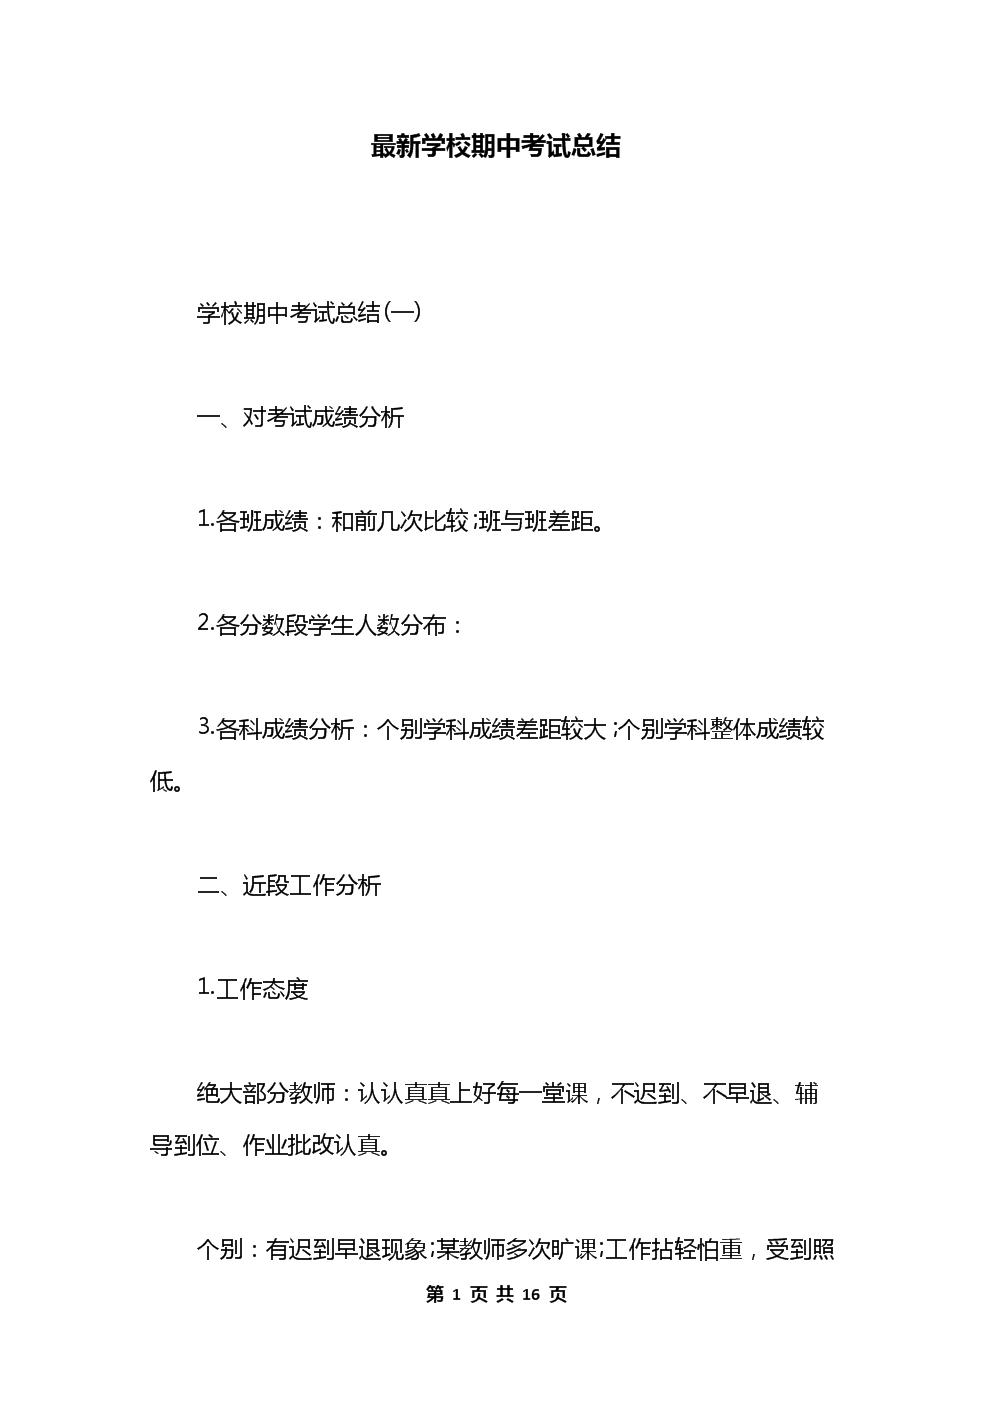 最新学校期中考试总结.docx